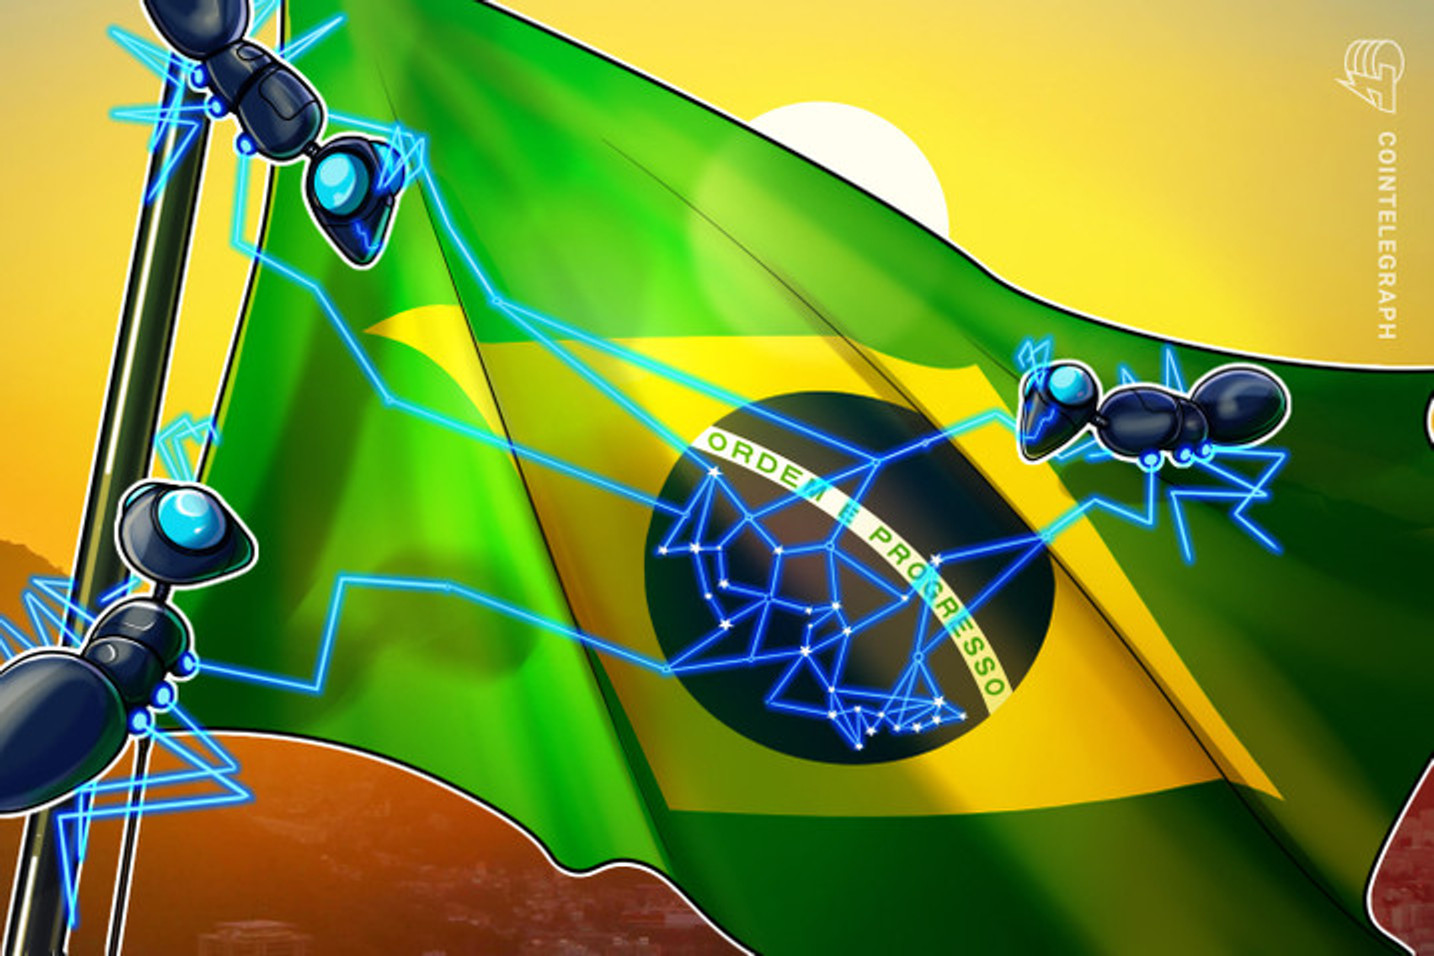 Governo do Ceará desenvolve plataforma em blockchain para evitar fraudes em obras públicas